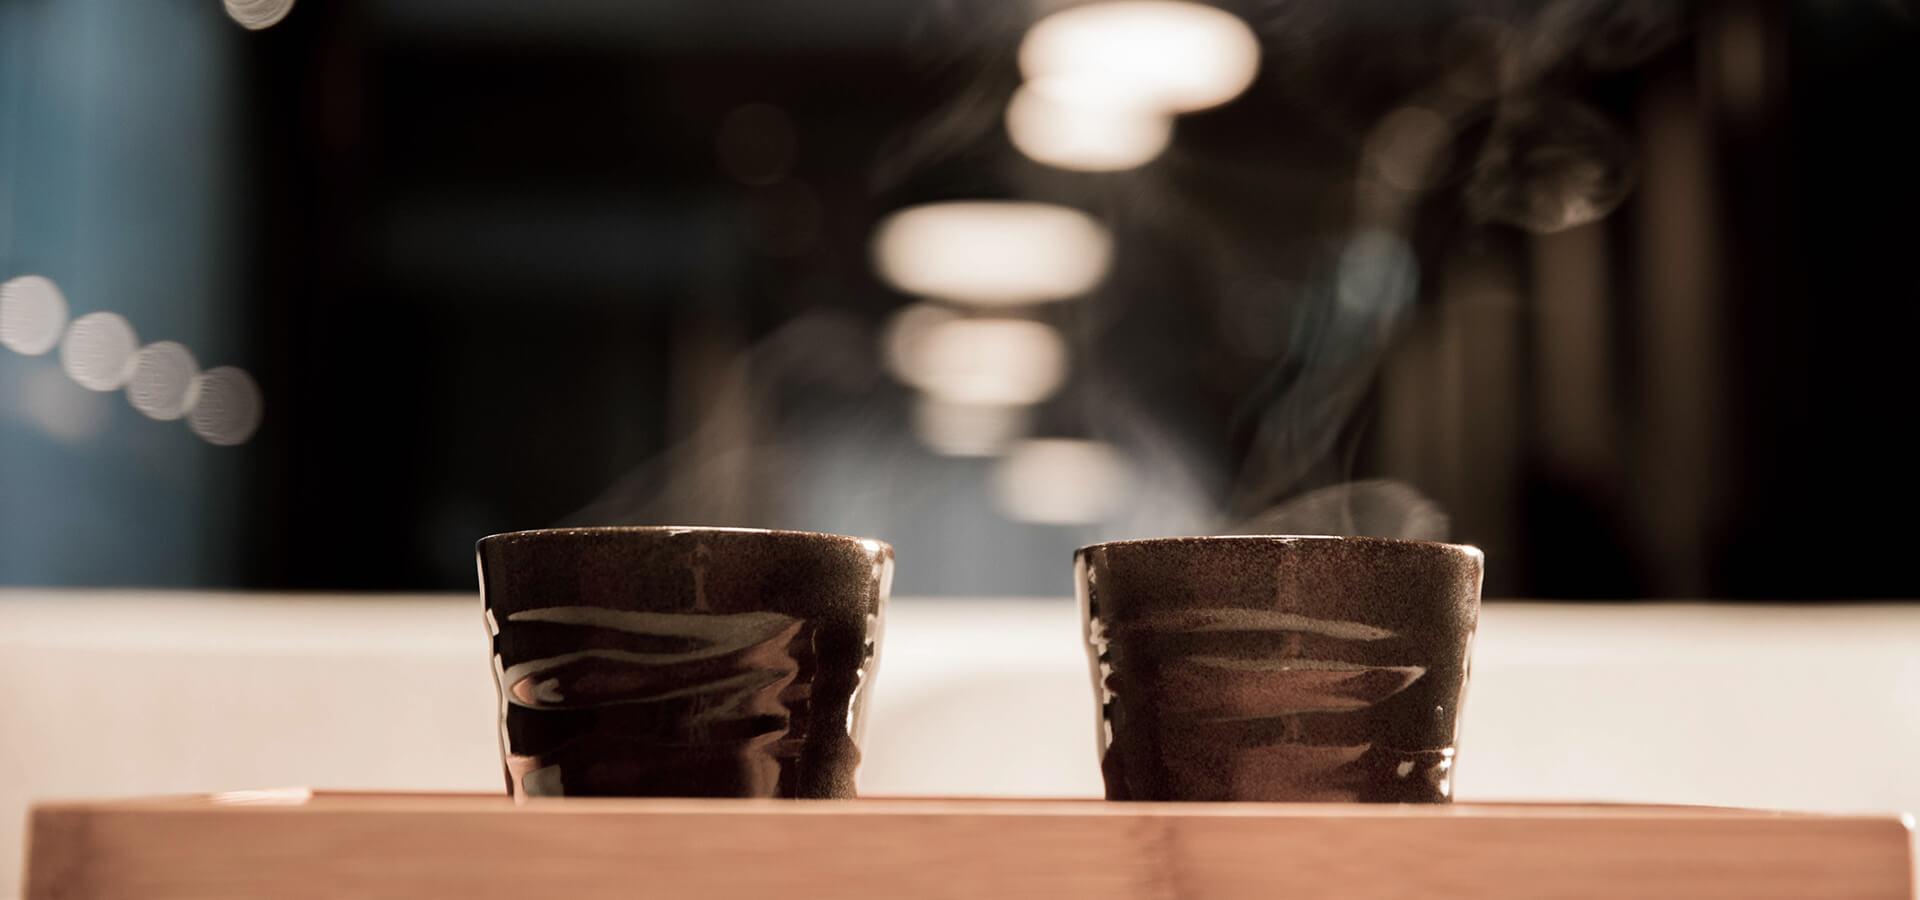 插圖 - 燒製茶杯x2